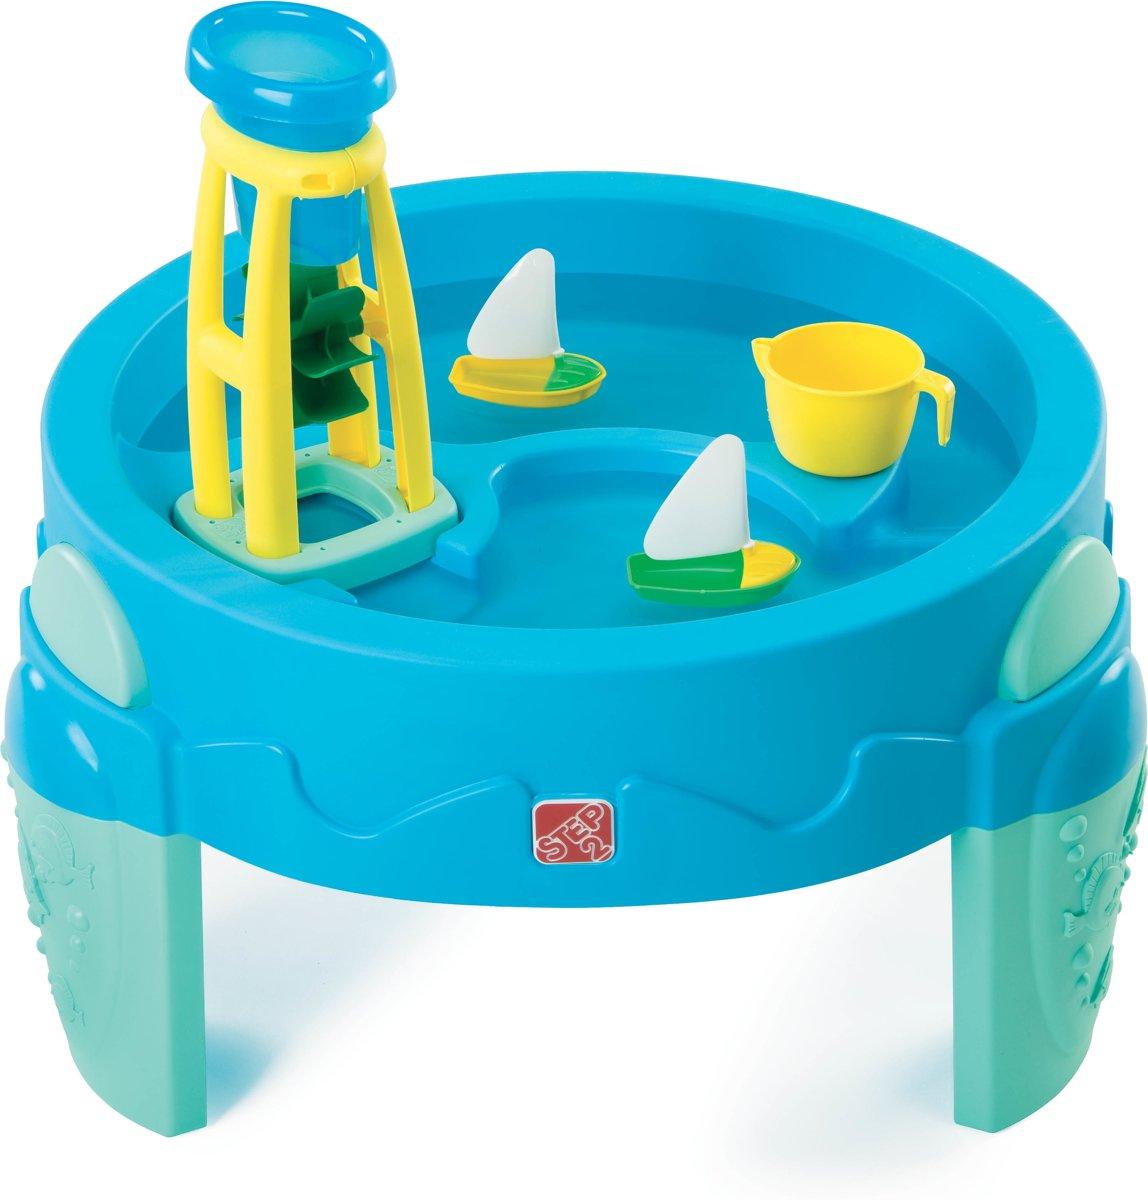 Step2 WaterWheel Play Table - Watertafel